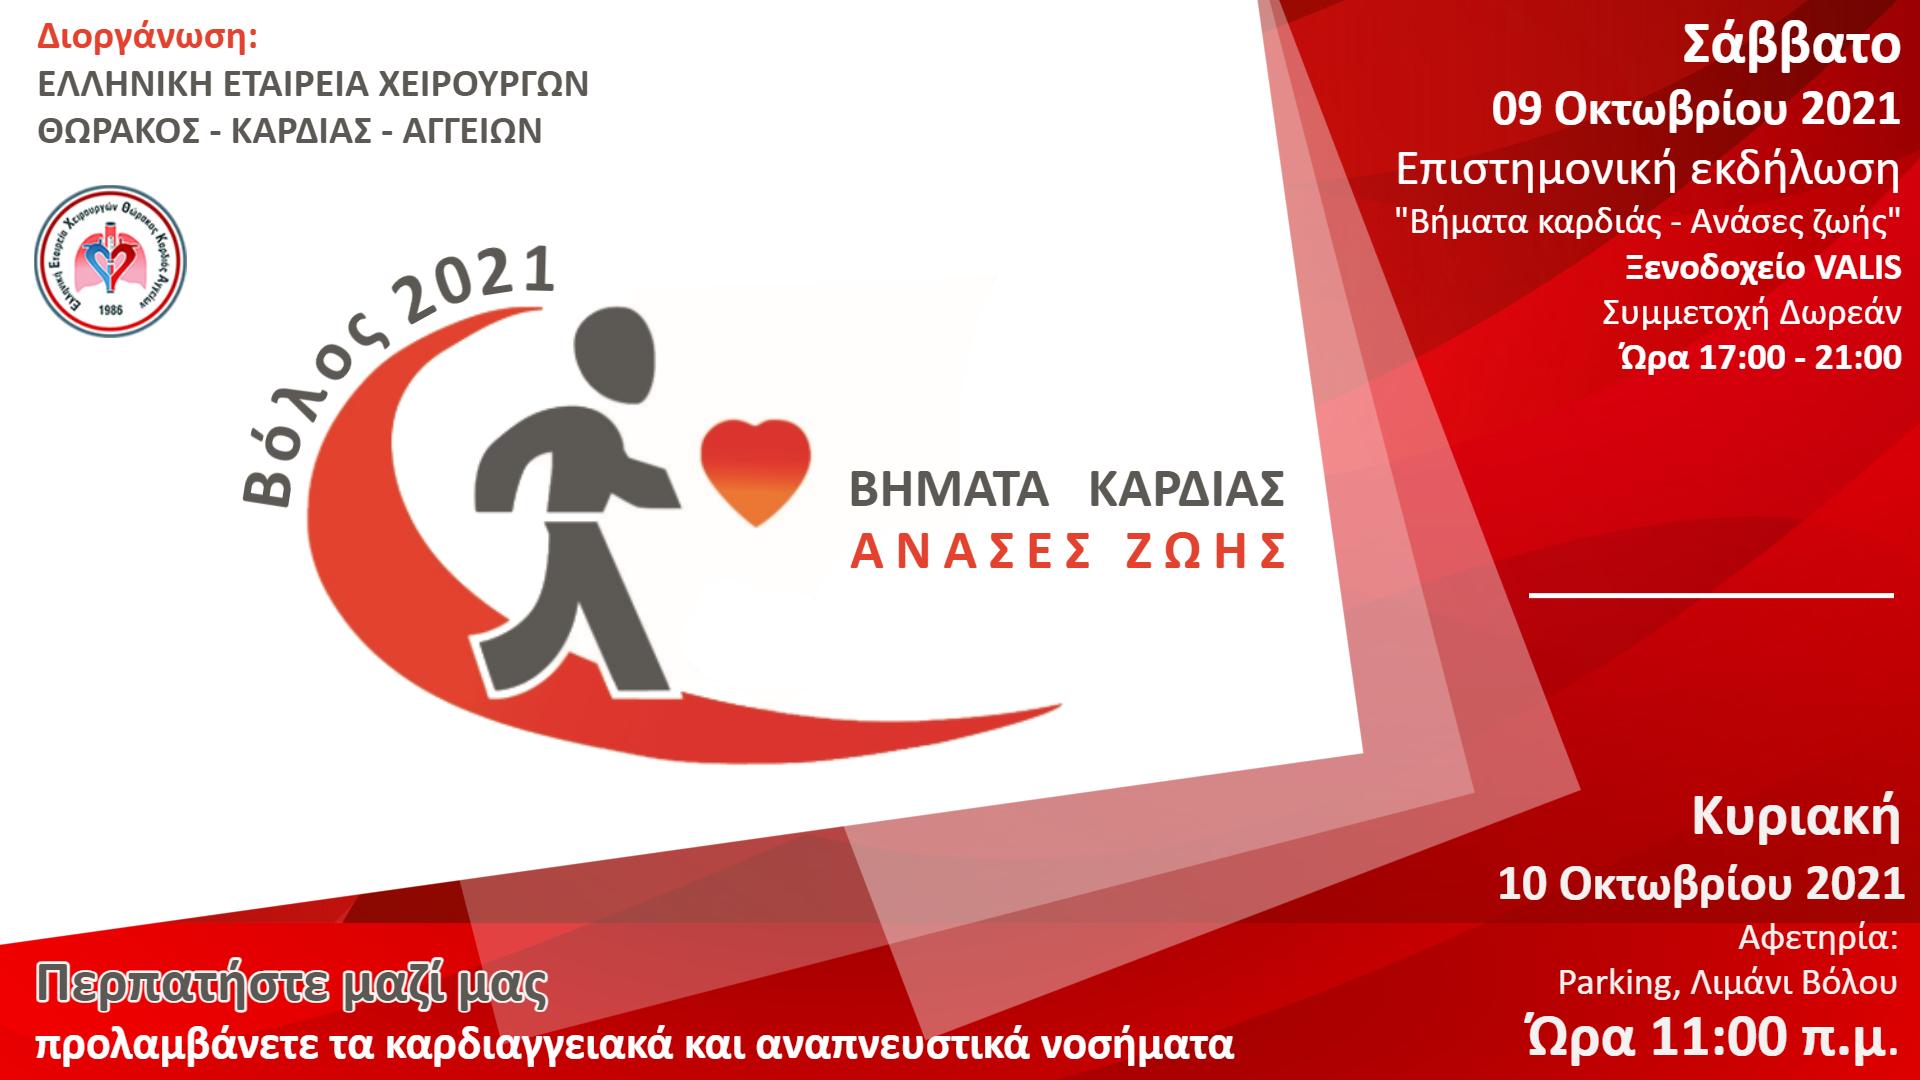 Βήματα Καρδιάς - Ανάσες Ζωής: Βόλος 2021